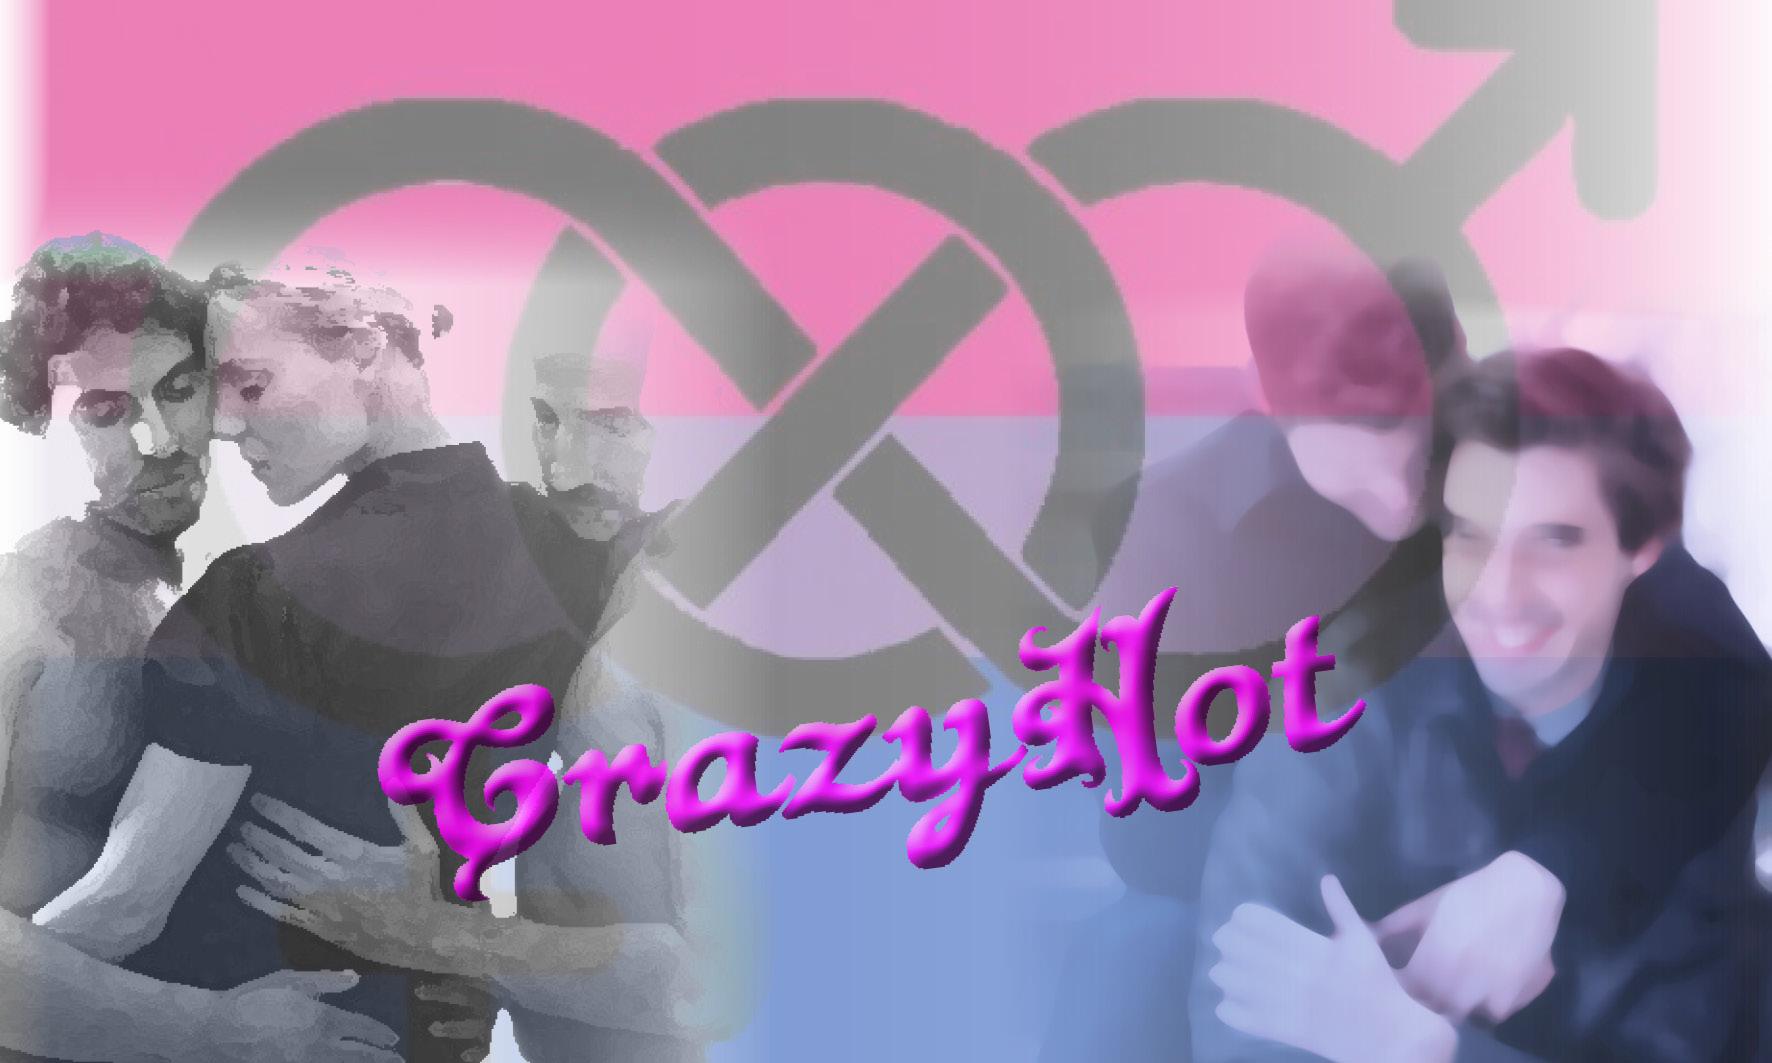 CrazyHot_pink